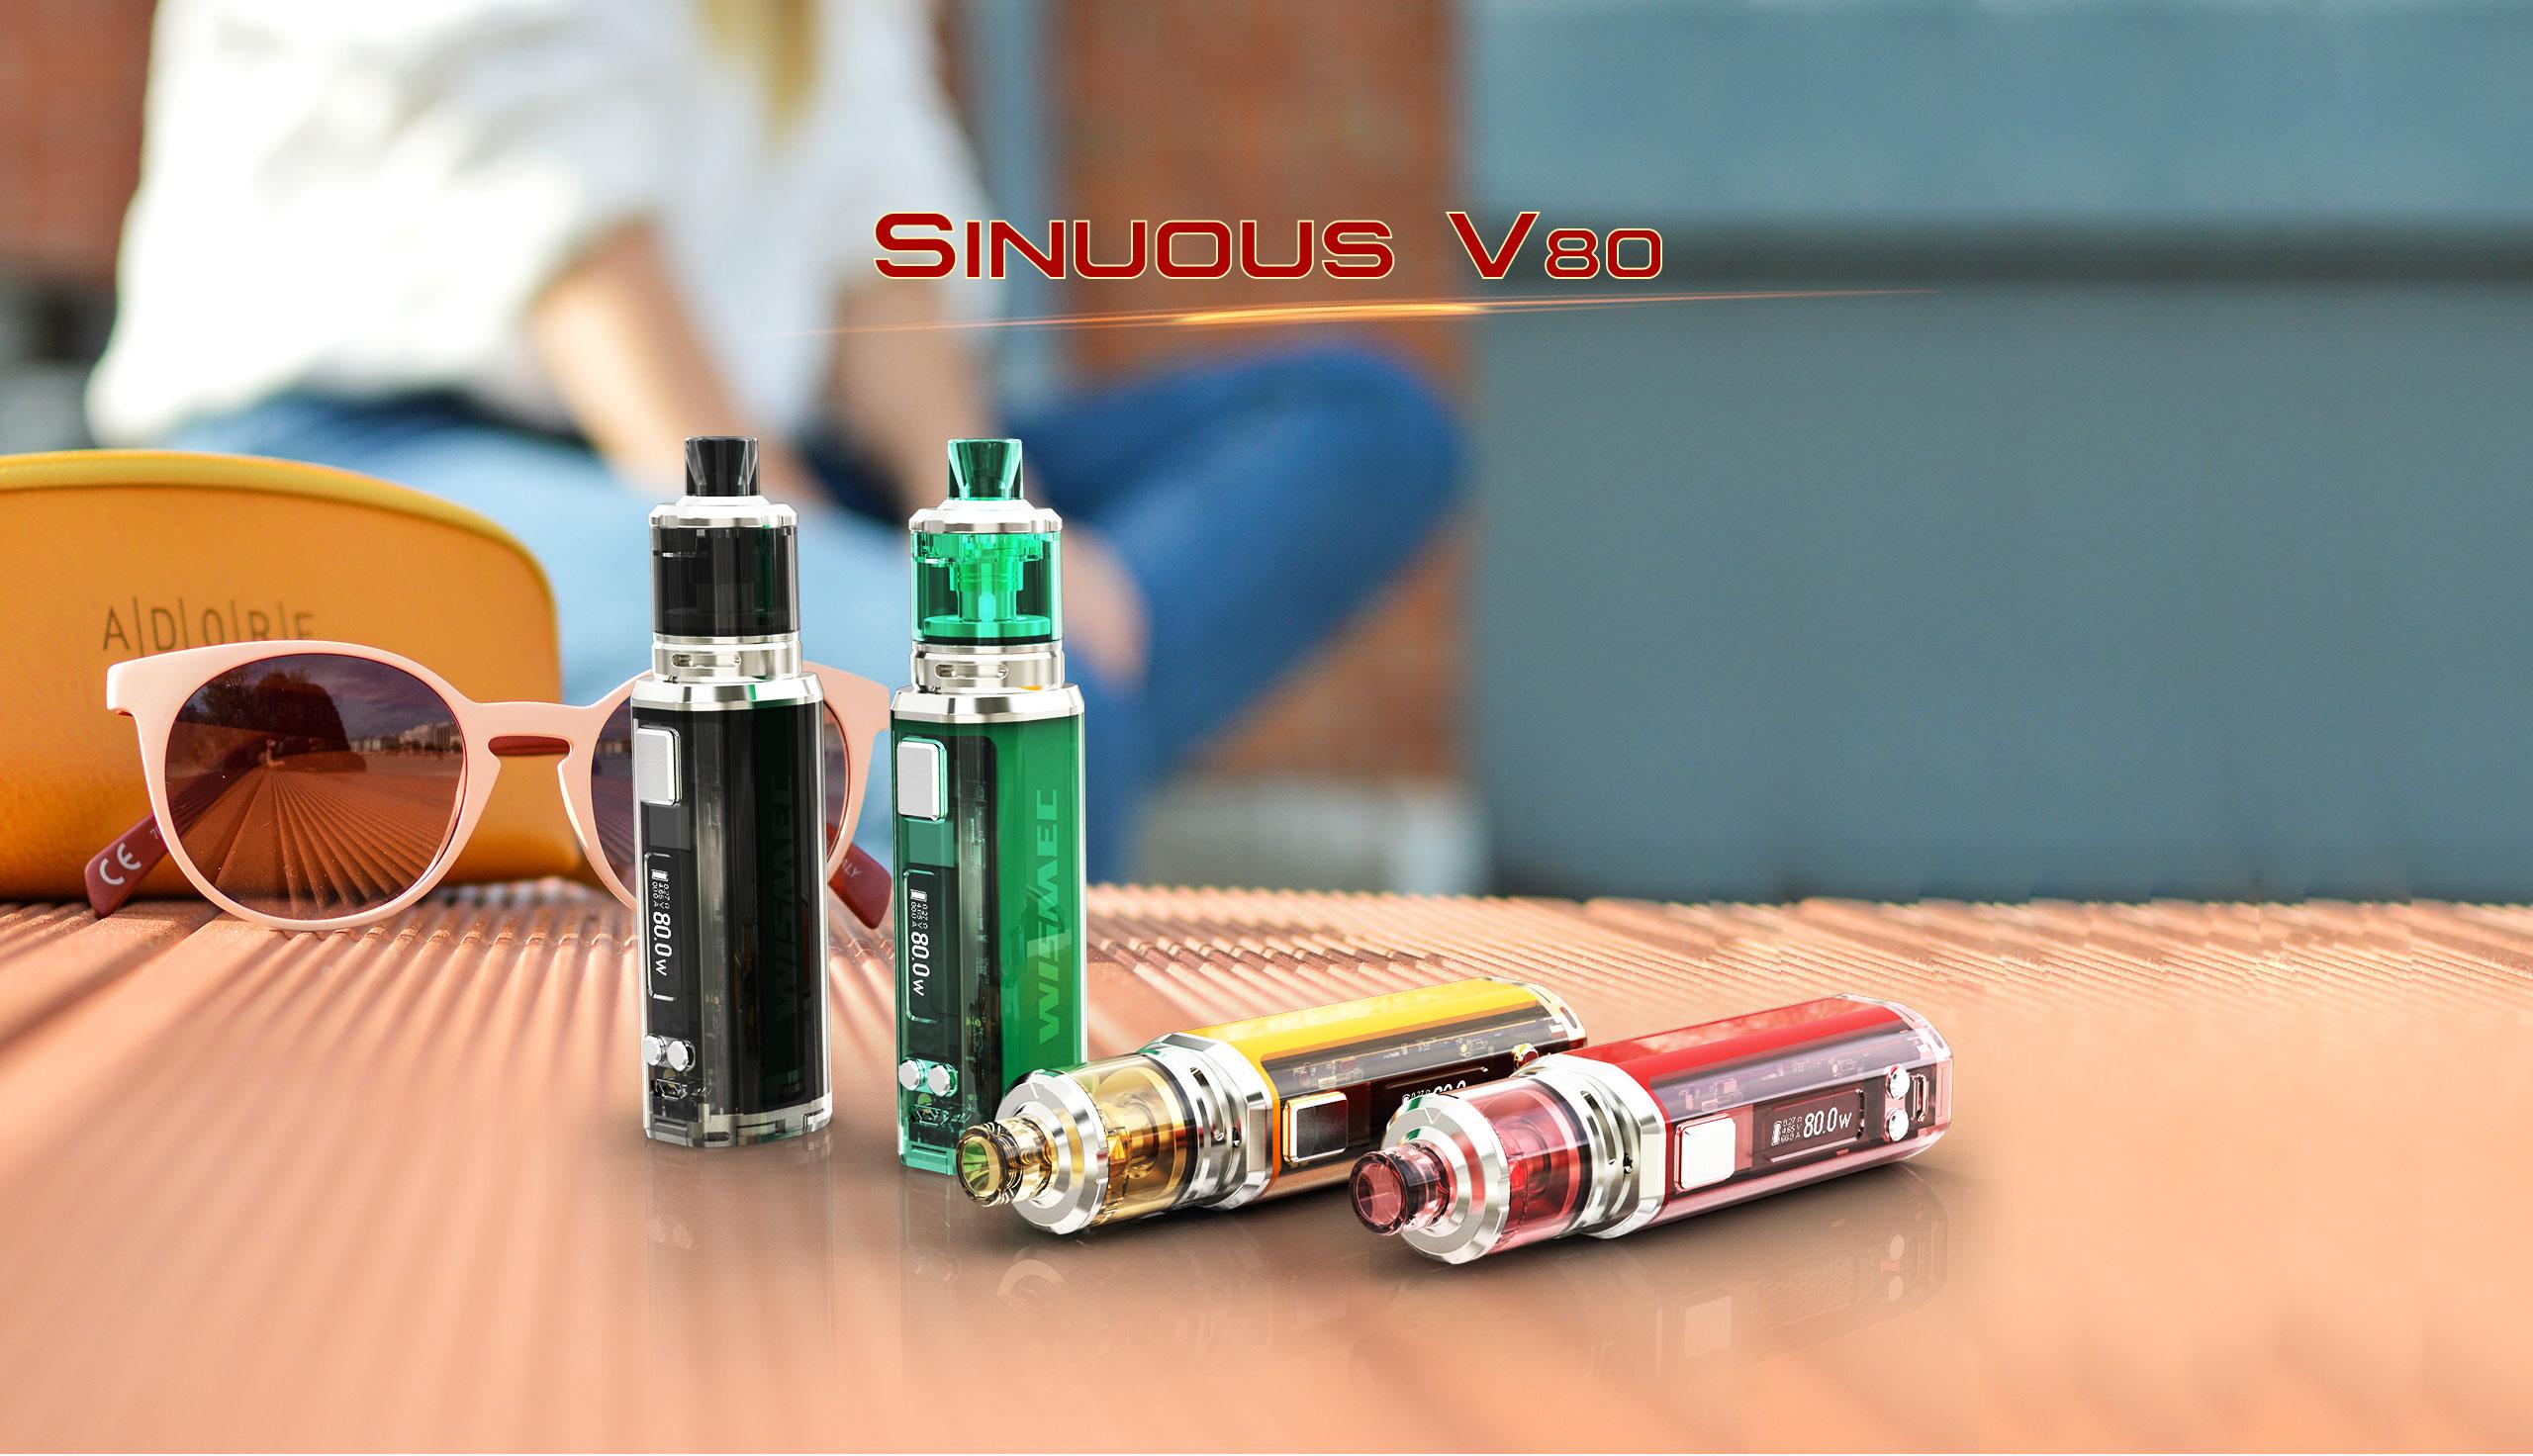 Wismec SINUOUS V80 80W SINUOUS-V80_01